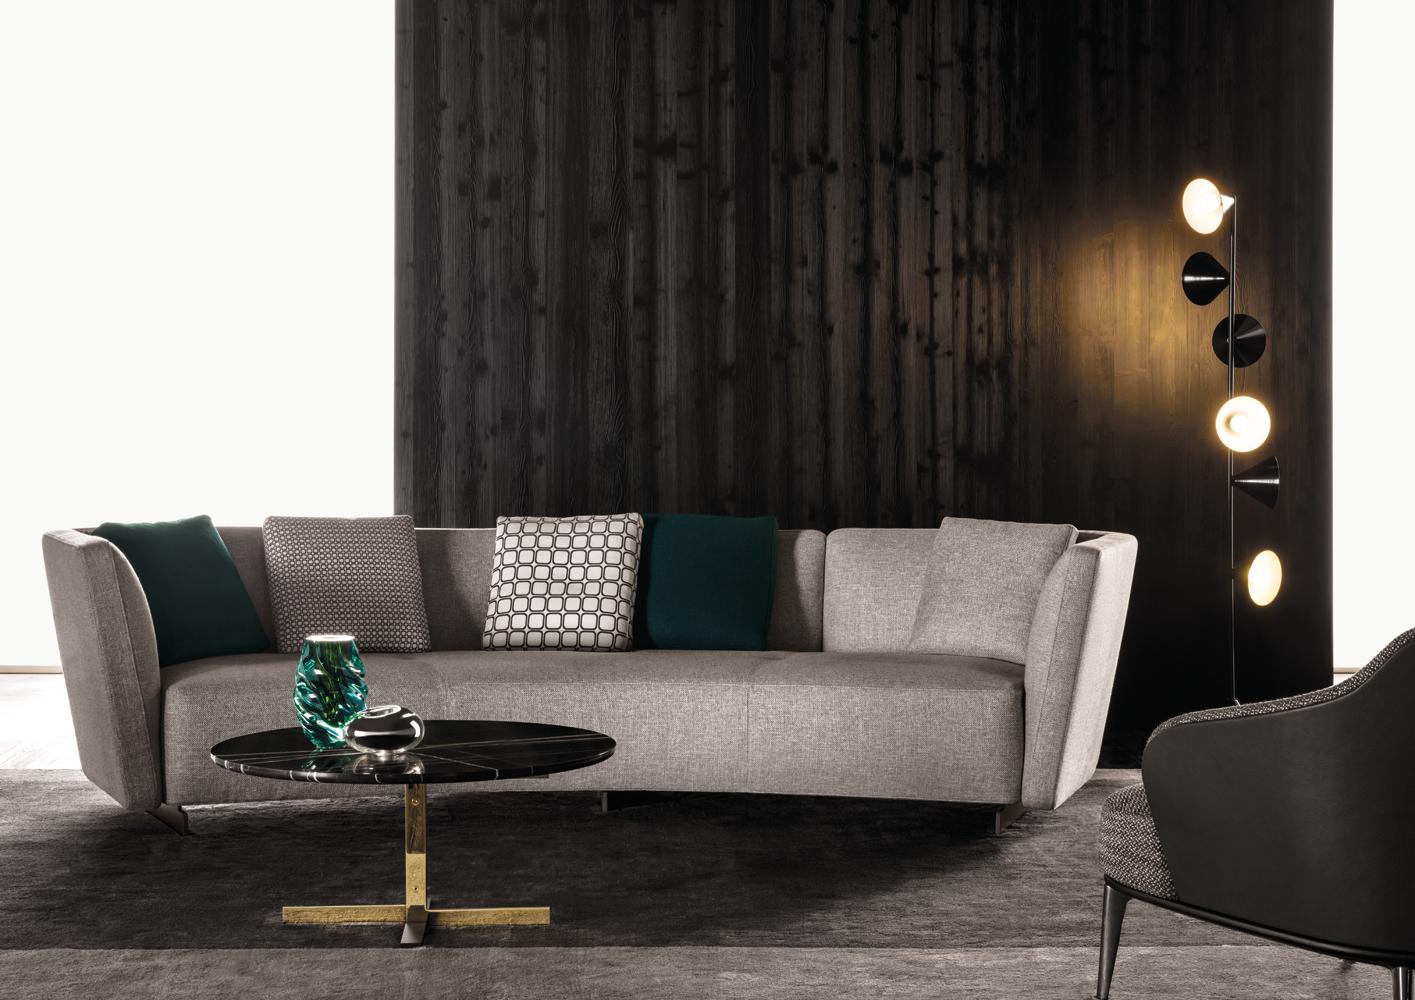 Современные диваны в интерьере гостиной - диван Lounge Seymour. Фото 2